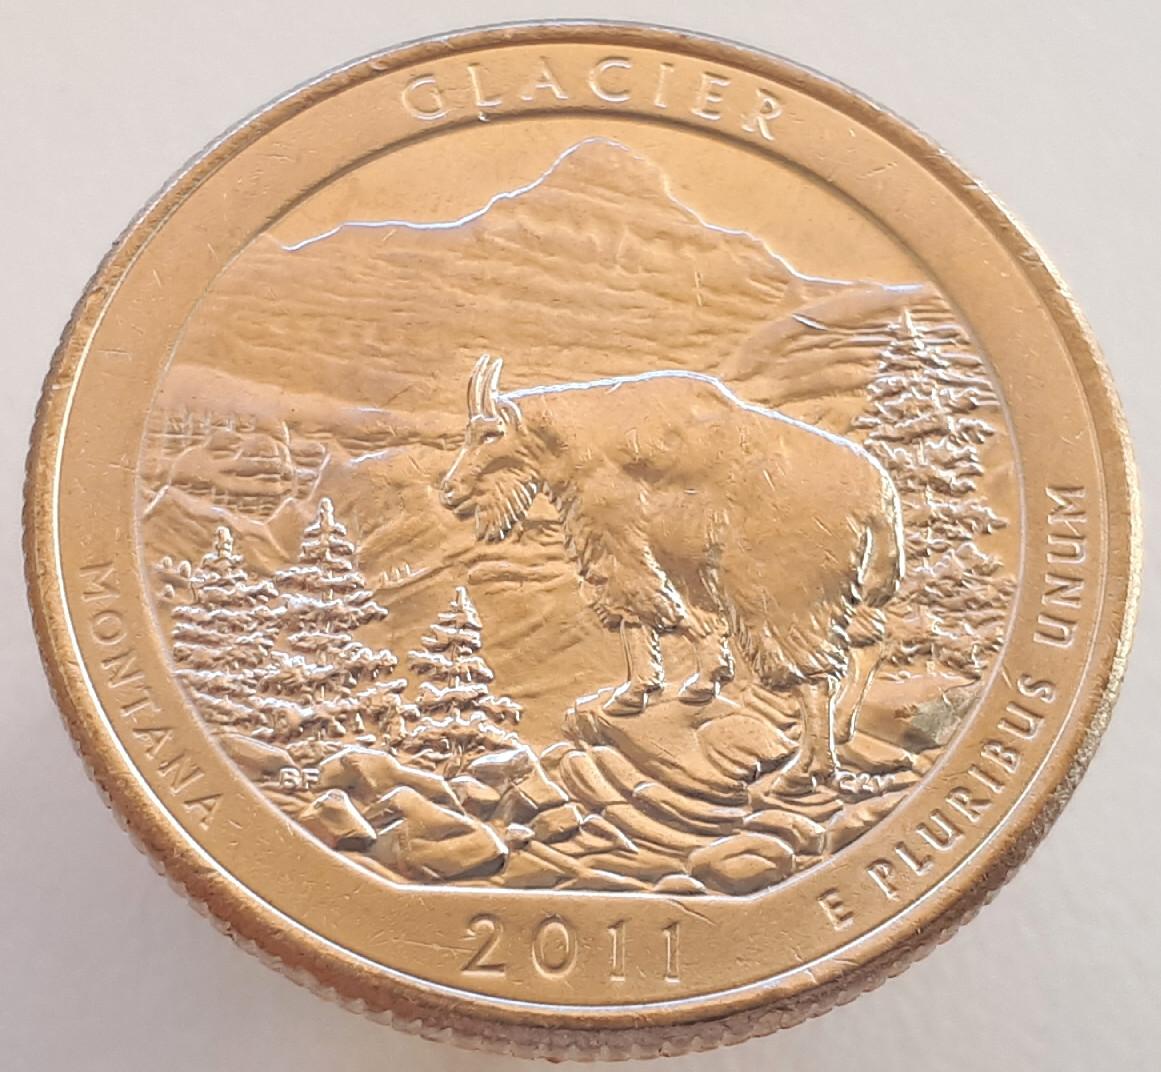 США 25 центов 2011 -Национальный парк Глейшер 7 парк D